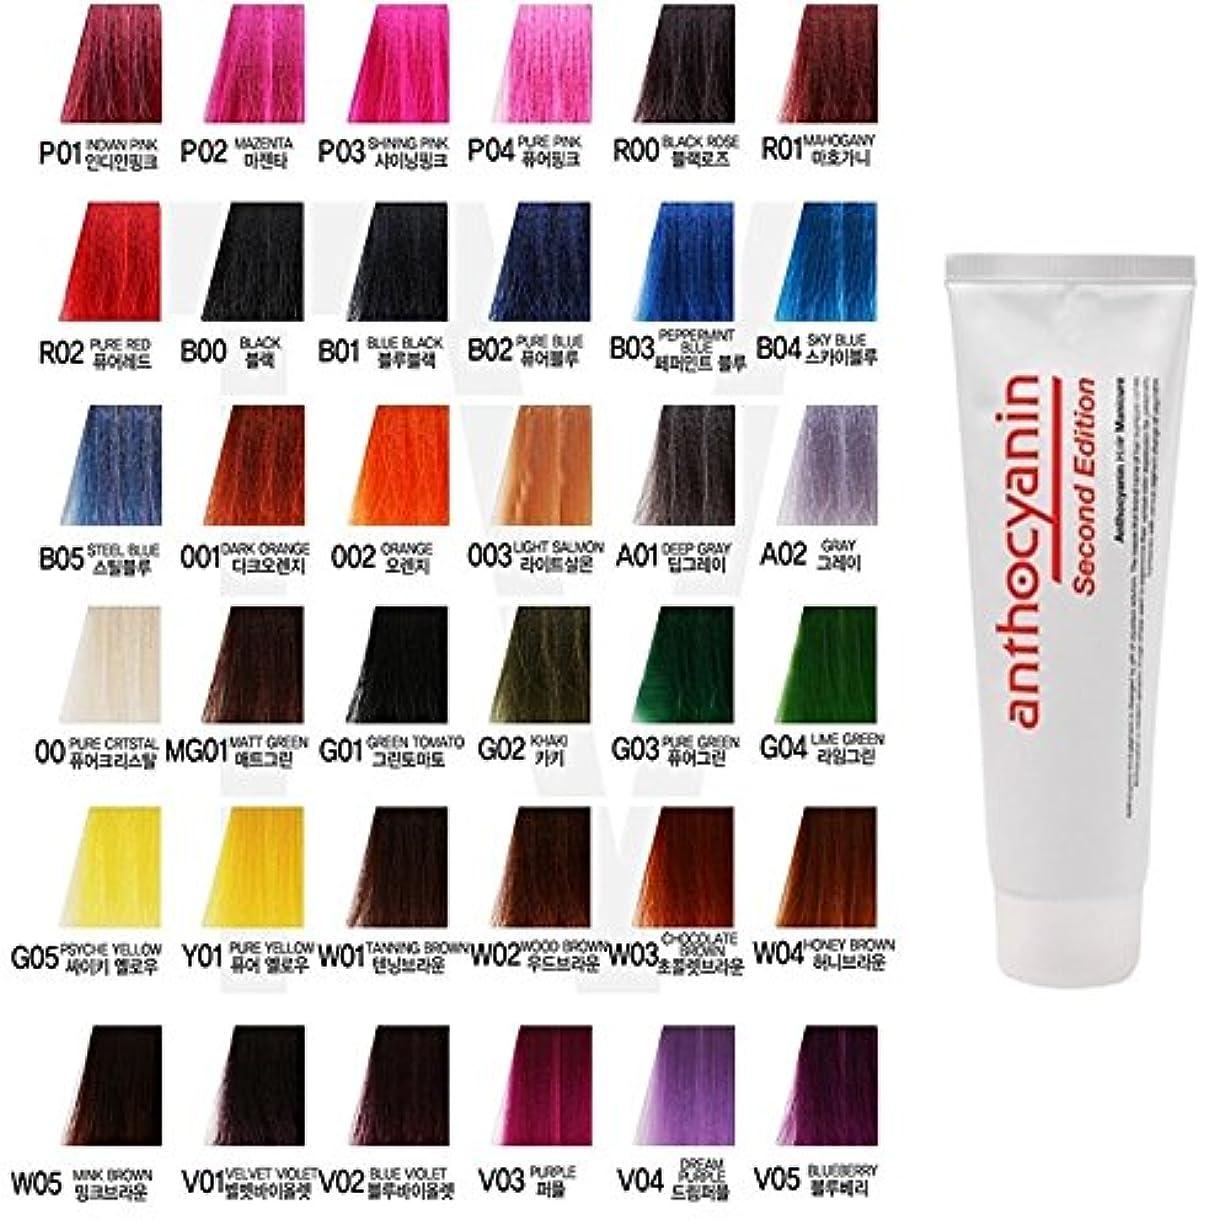 抜本的な面倒期待してヘア マニキュア カラー セカンド エディション 230g セミ パーマネント 染毛剤 ( Hair Manicure Color Second Edition 230g Semi Permanent Hair Dye) [並行輸入品] (A01 Deep Gray)